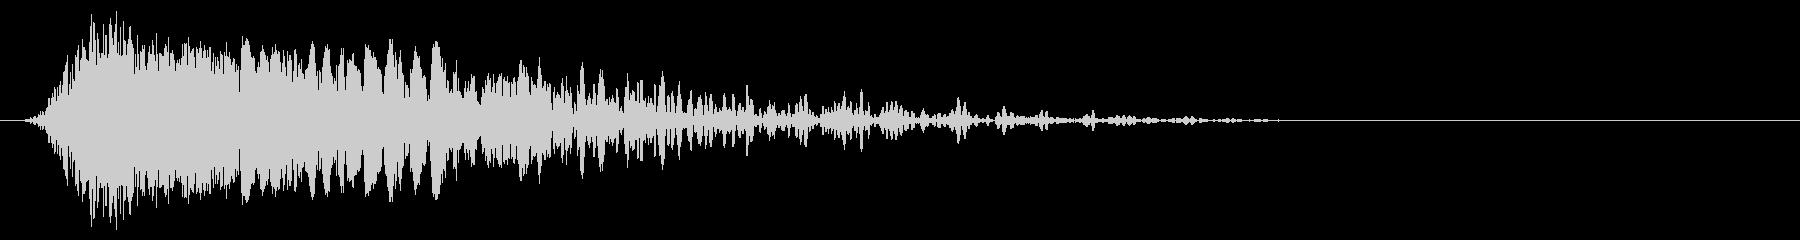 短いパンチインパクトヒット2の未再生の波形